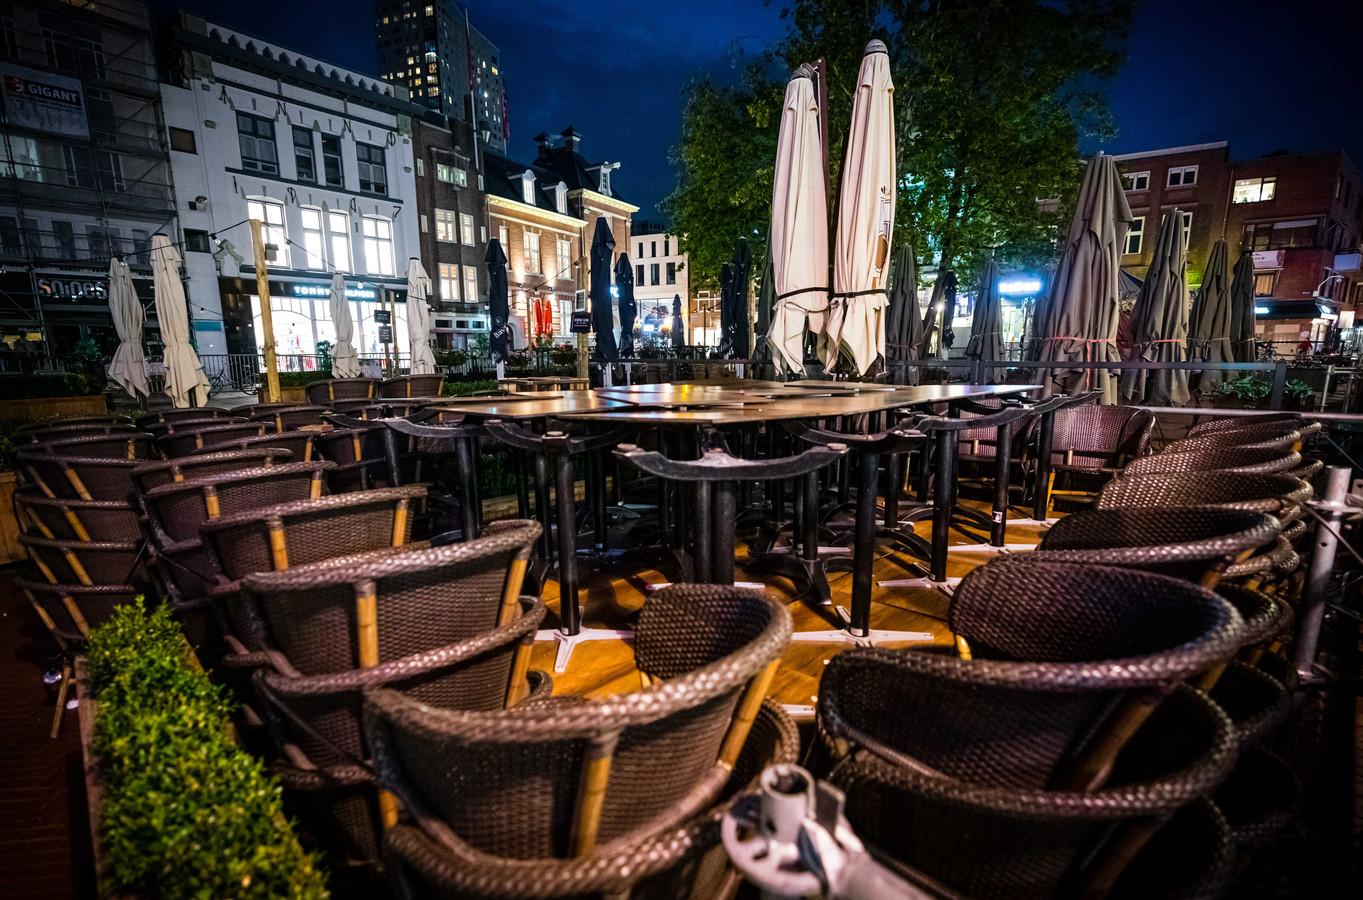 Lege cafe's aan de Markt Eindhoven. De horeca blijft in ieder geval vier weken helemaal gesloten, maar dat gaat 30 ondernemers veel te ver.